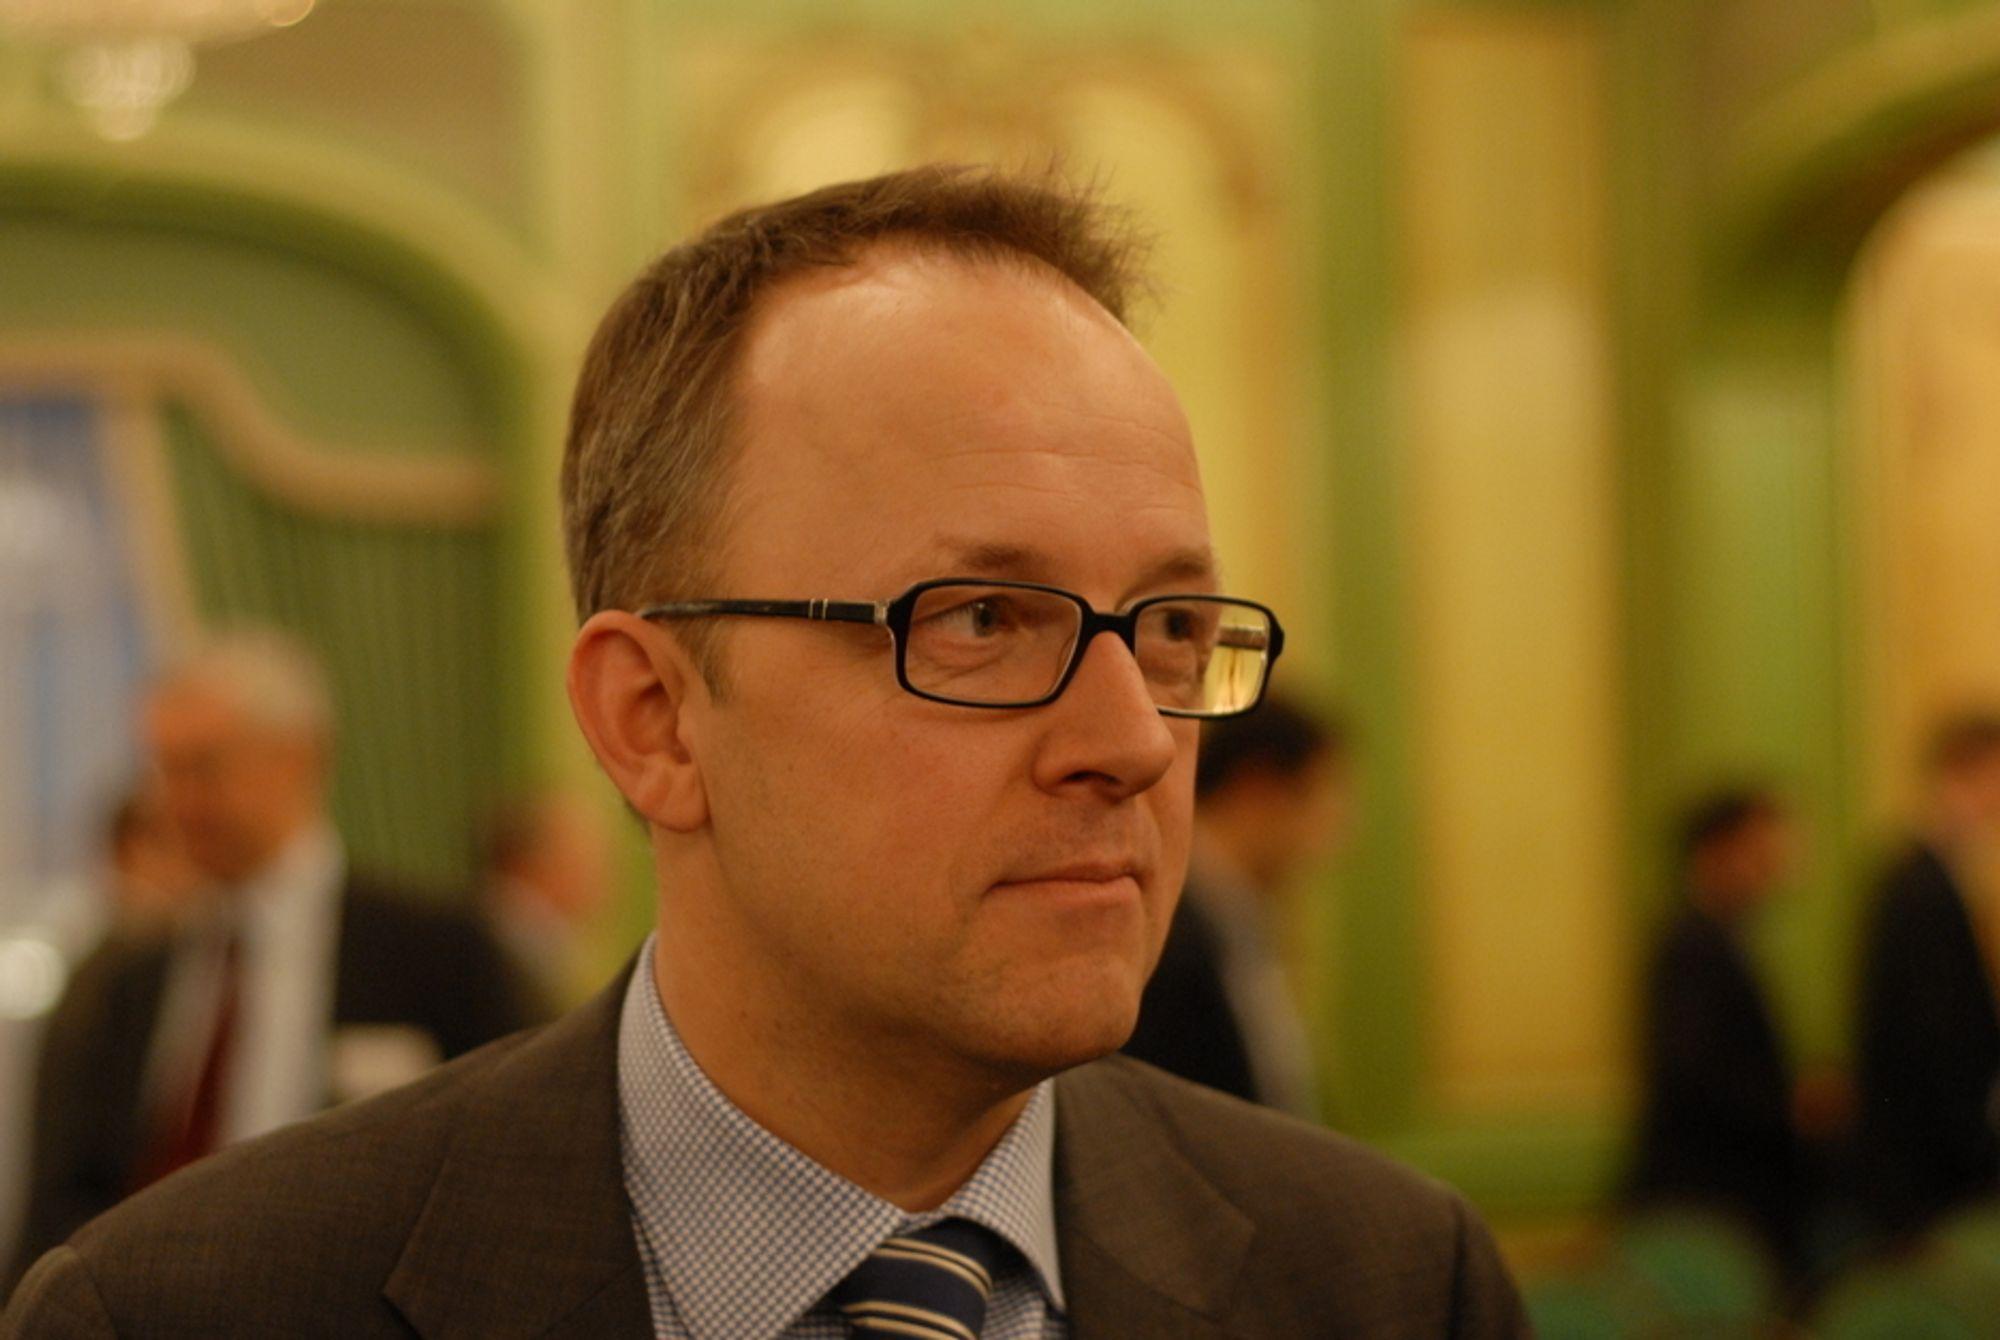 AMBISIØST: Det er ekstremt ambisiøst å innføring AMS i Midt-Norge innen 2013, mener Energi Norges administrerende direktør Oluf Ulseth.